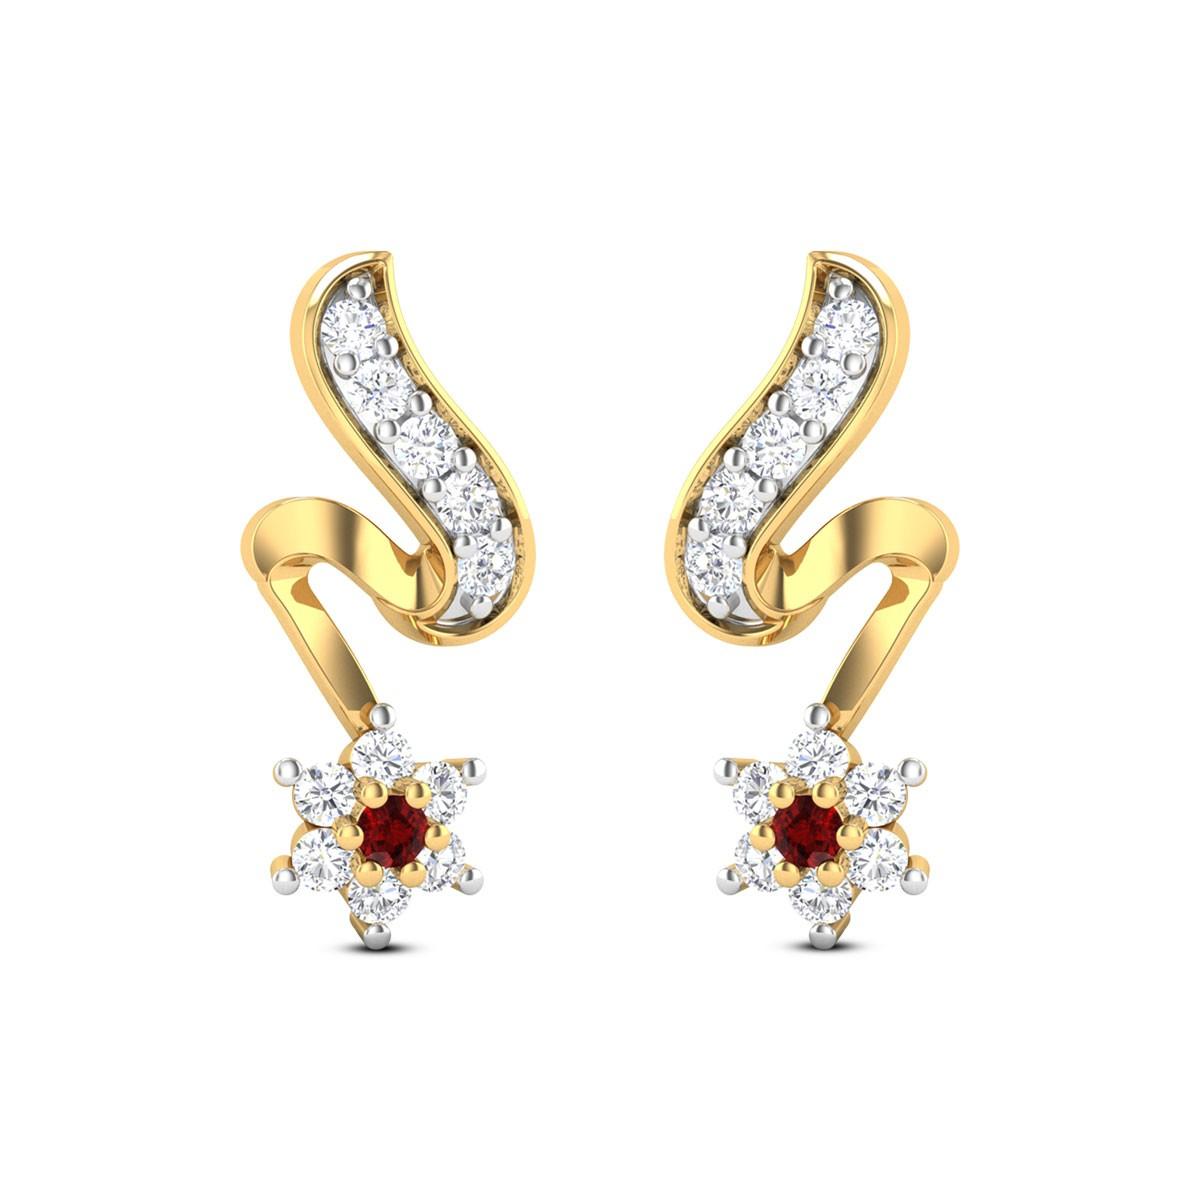 Falling Star Stud Earrings